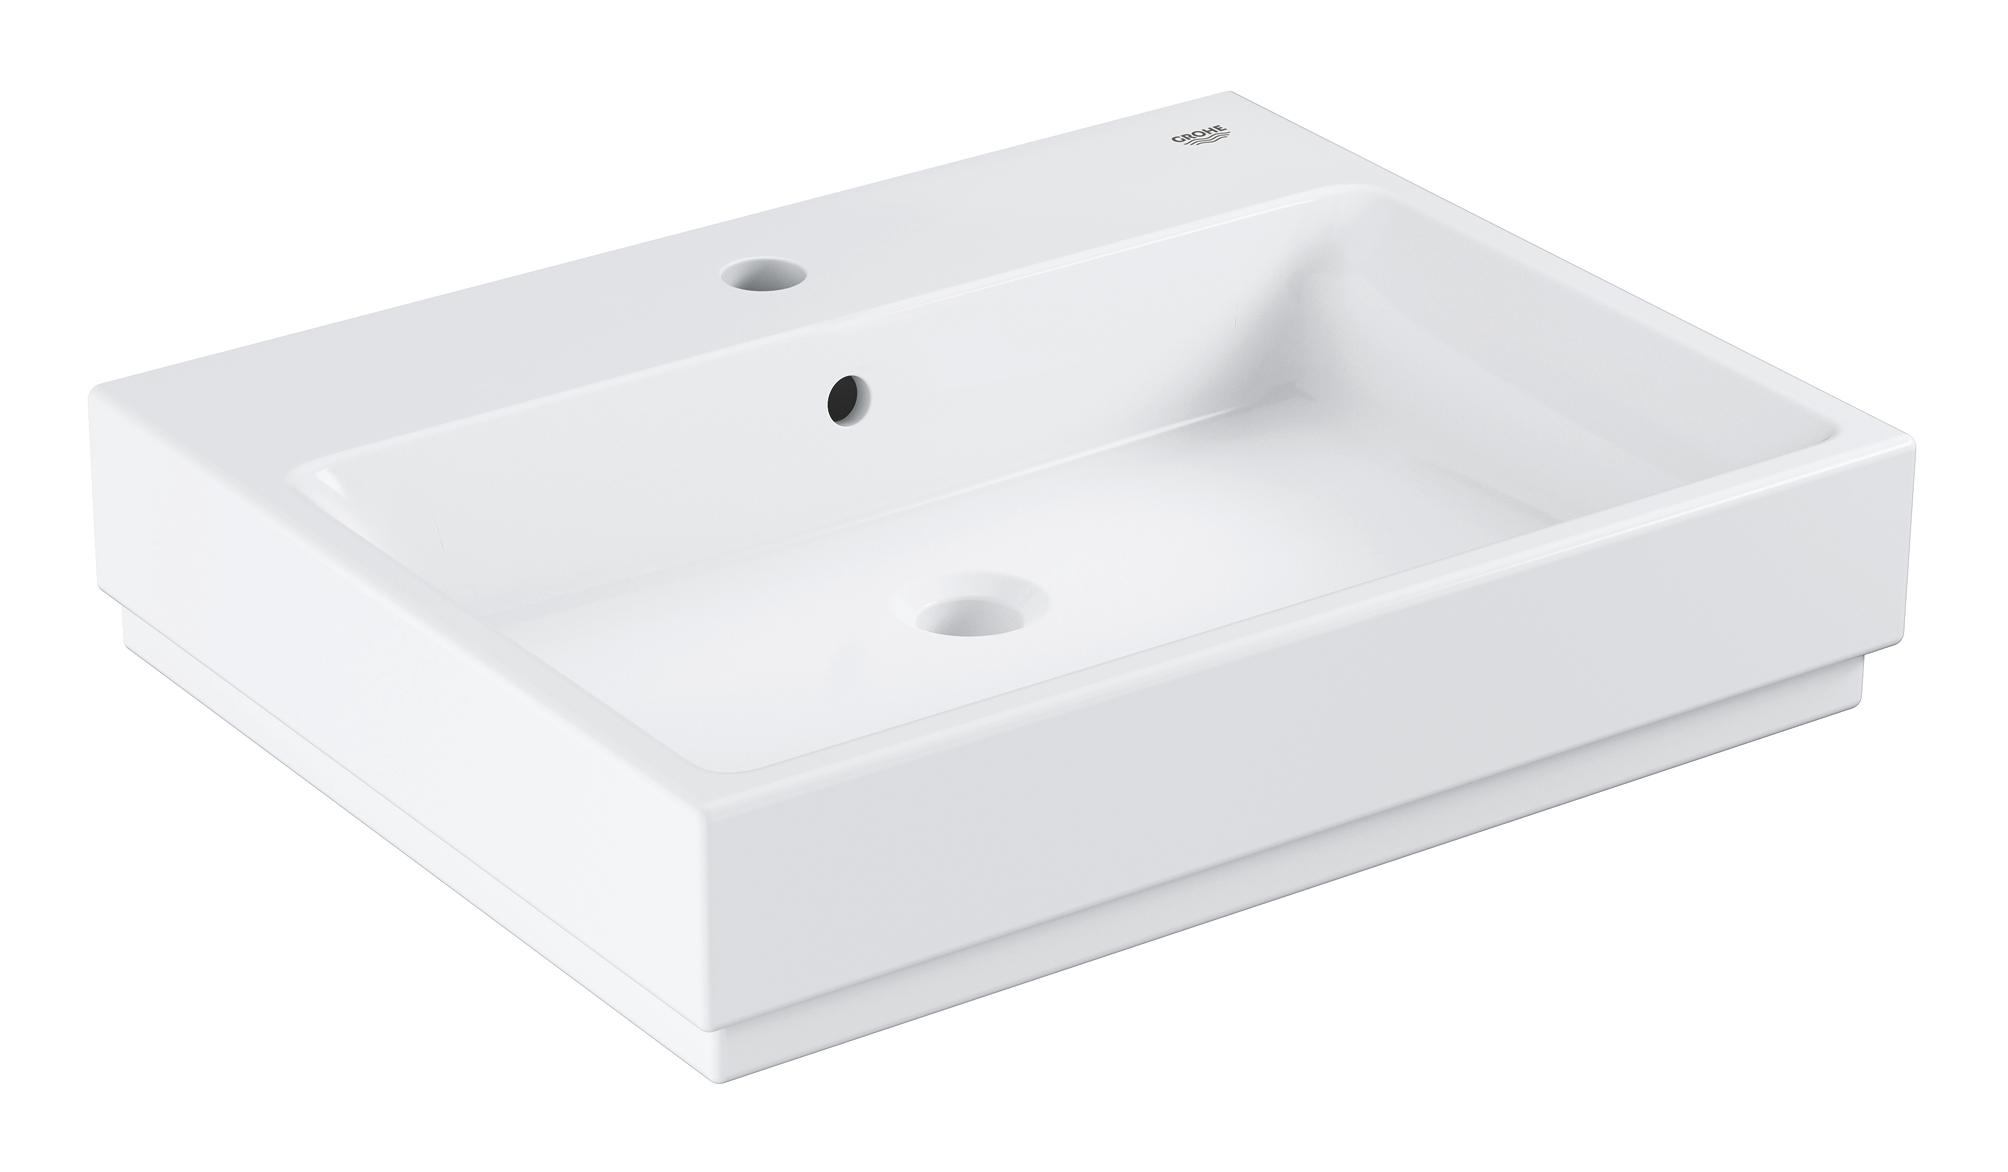 Раковина GROHE Cube Ceramic, подвесная 60 см, альпин-белый (3947300H)